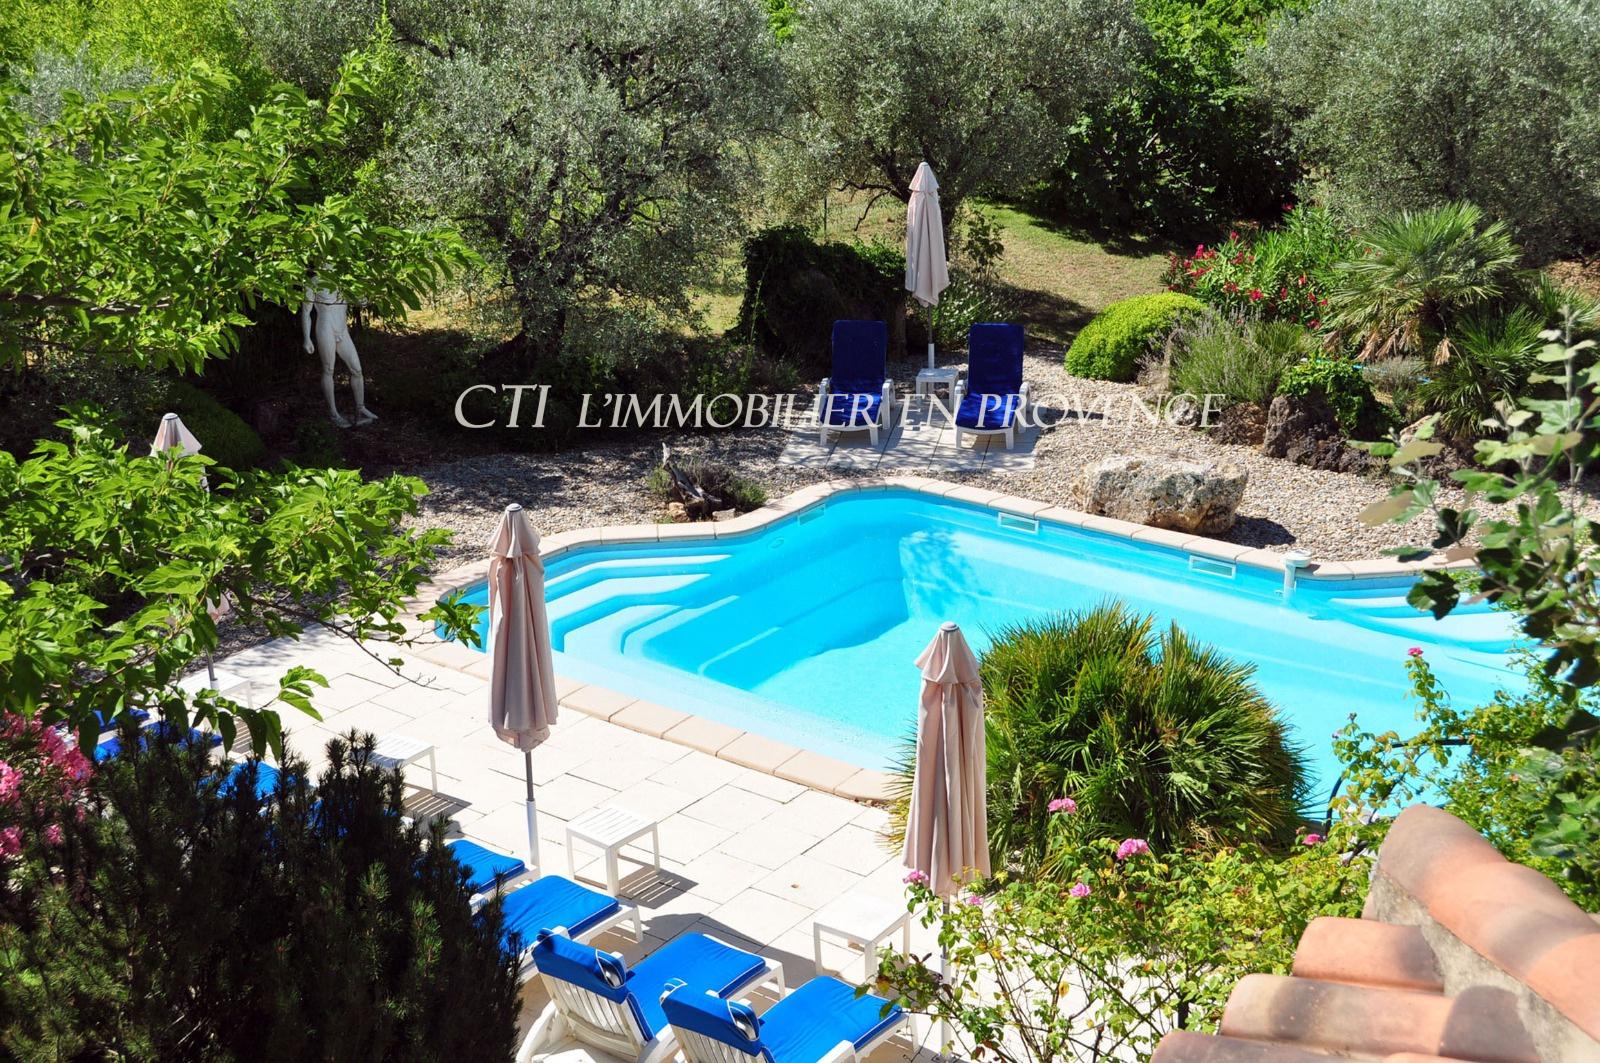 0 www.cti-provence.net, A vendre, bel hôtel de construction récente avec terrain paysag